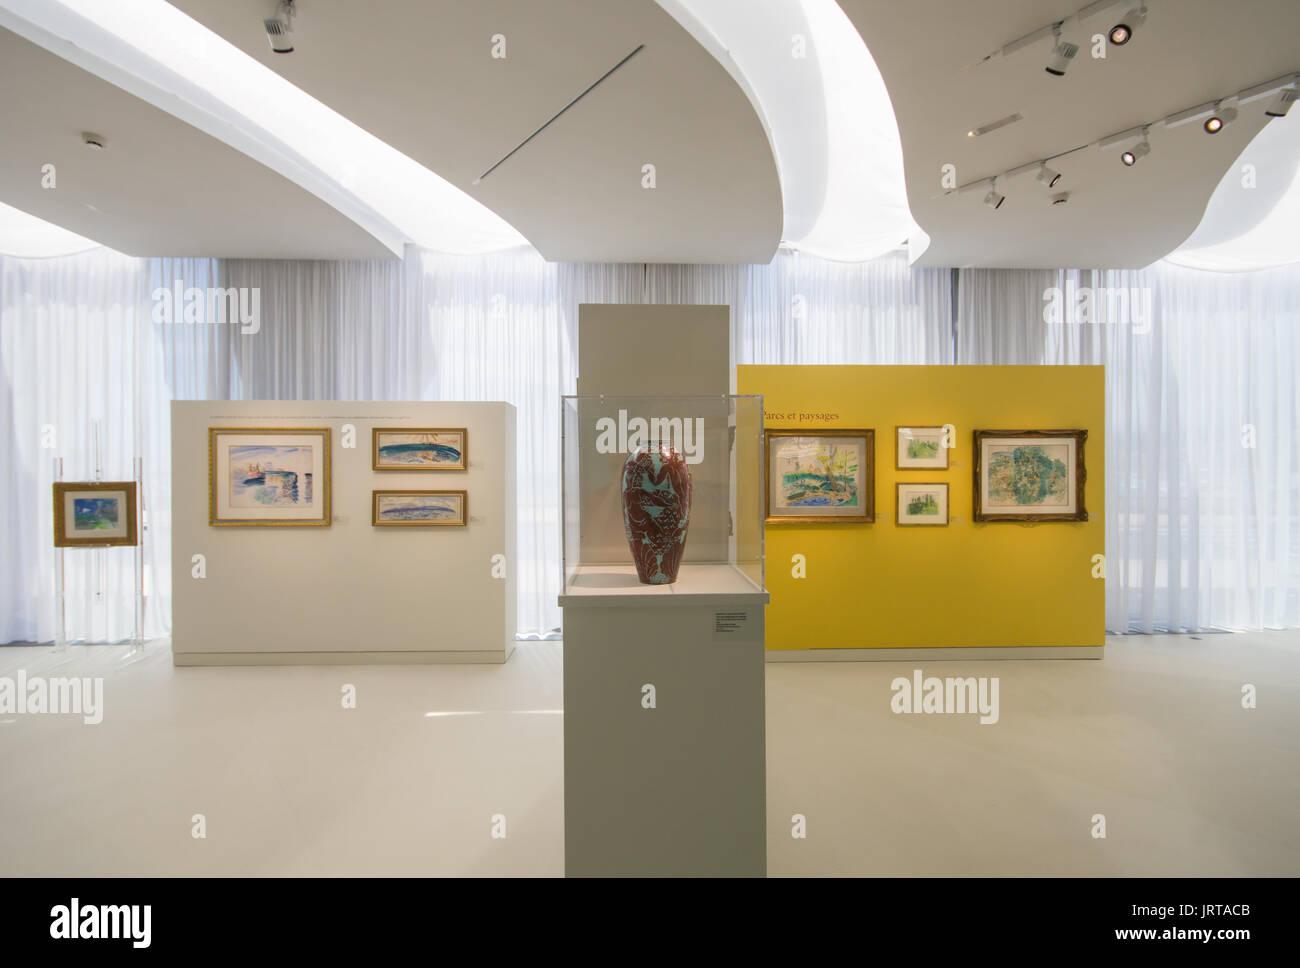 Jean Cocteau Museum, Menton, French Riviera: architect Rudy Ricciotti interior Raoul Dufy exhibition 1 Inexhibit - Stock Image